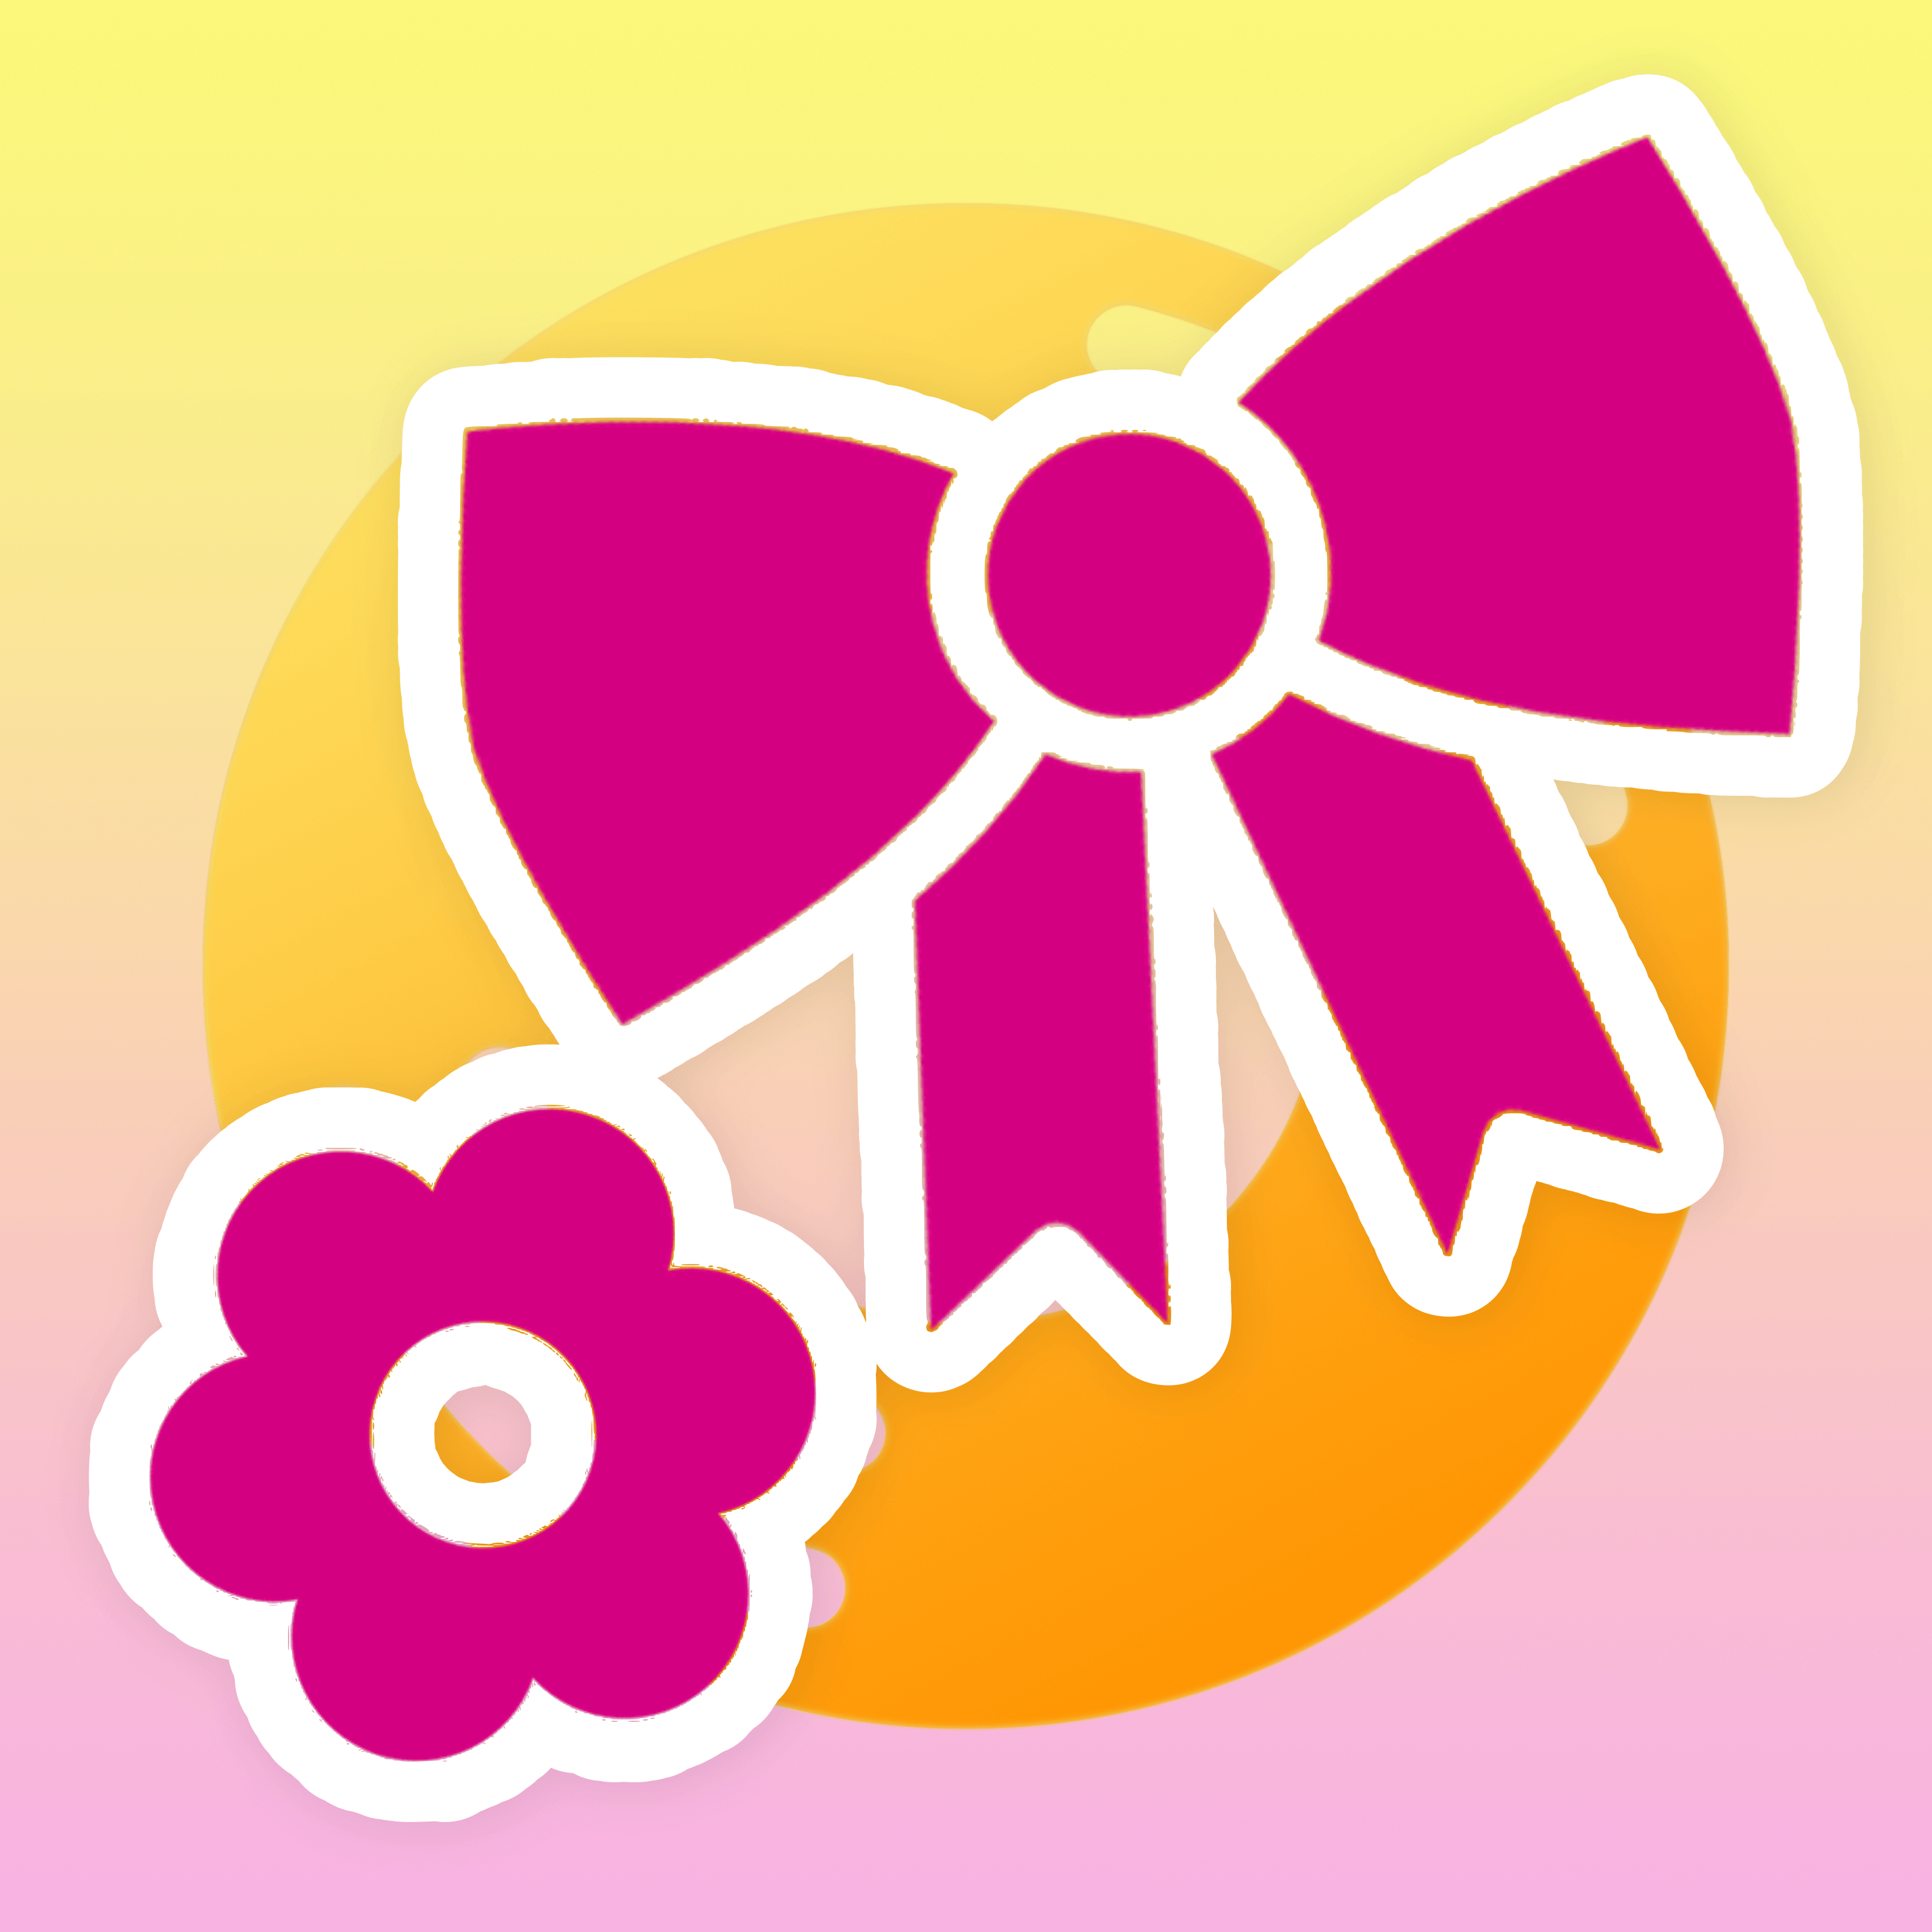 Mangetsu avatar